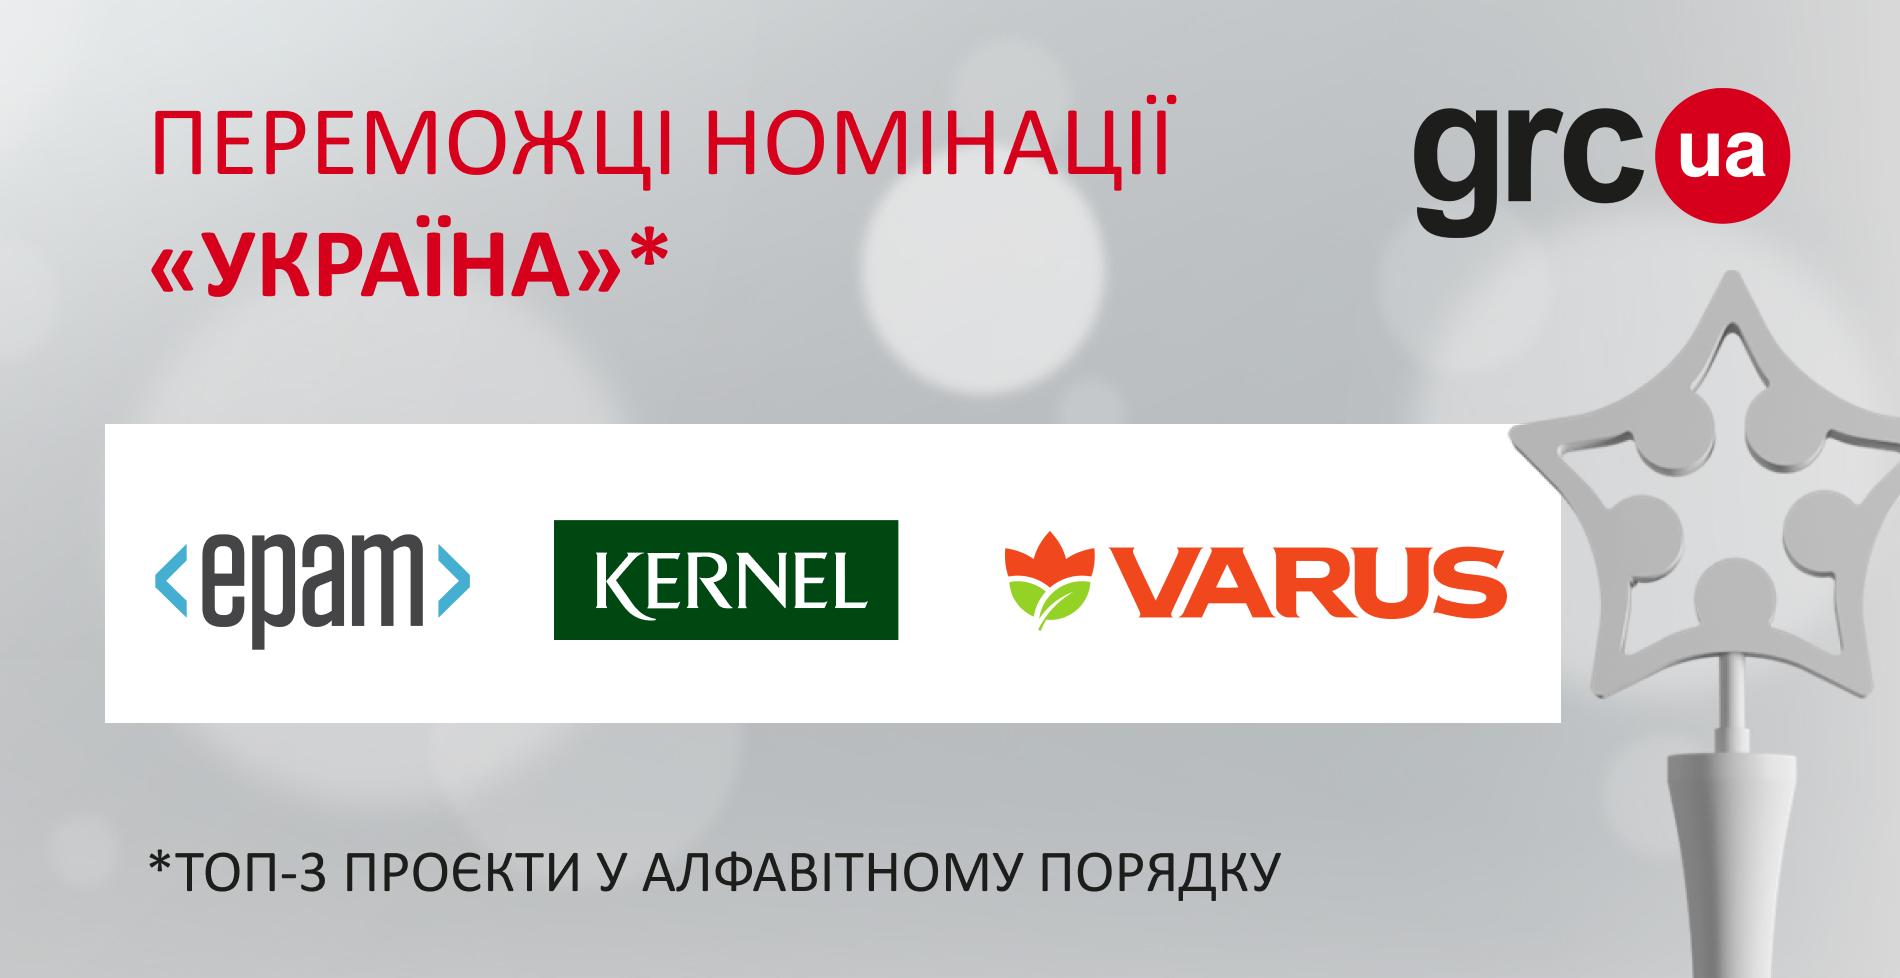 Оголошено переможців Премії HR-бренд Україна 2020